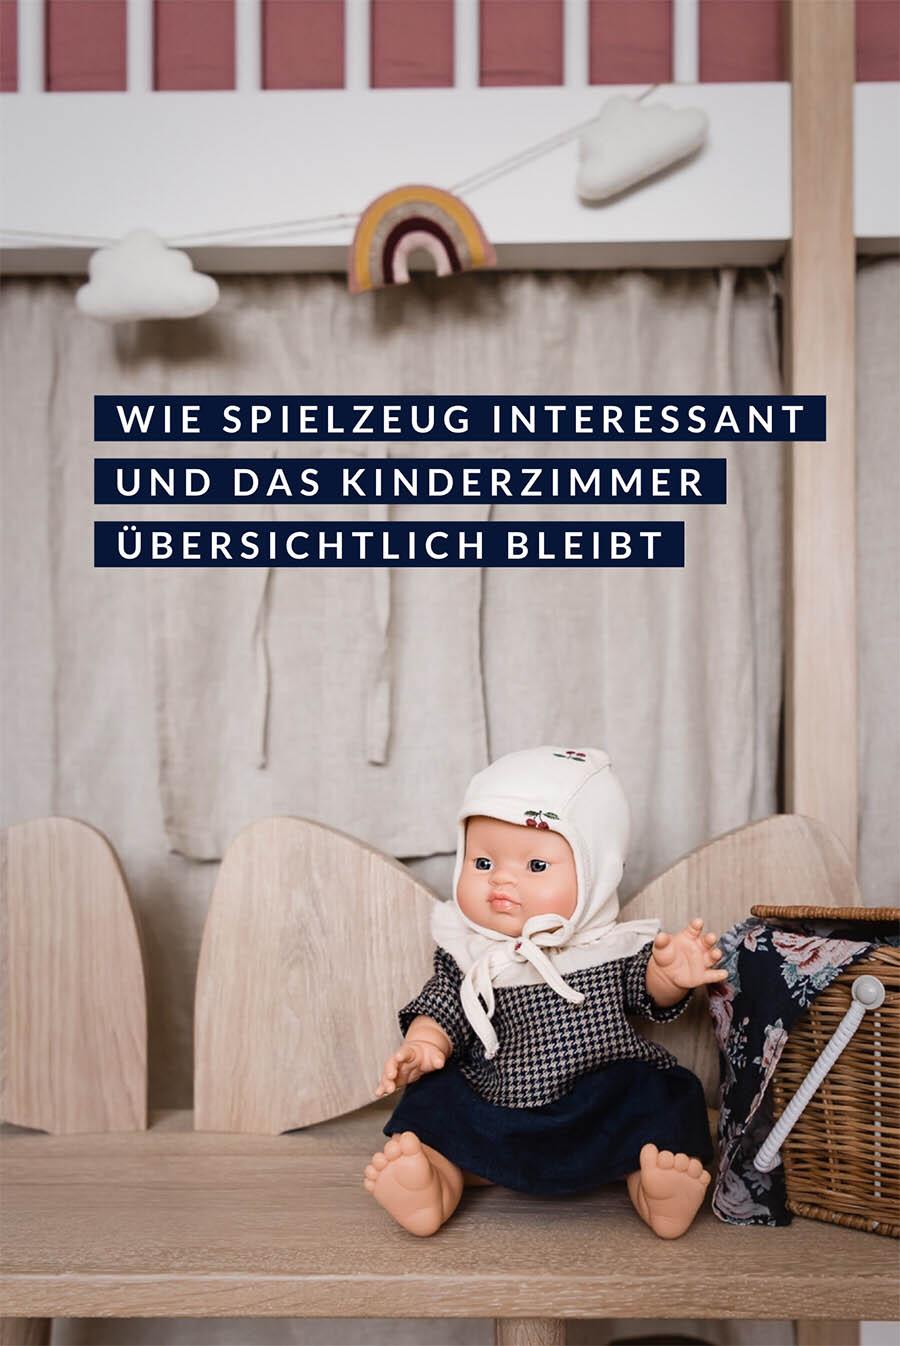 Der Tauschbazar: So bleibt das Kinderzimmer übersichtlich und Spielzeug interessant #kinderzimmer #kidsroom #puppe #spielzeug